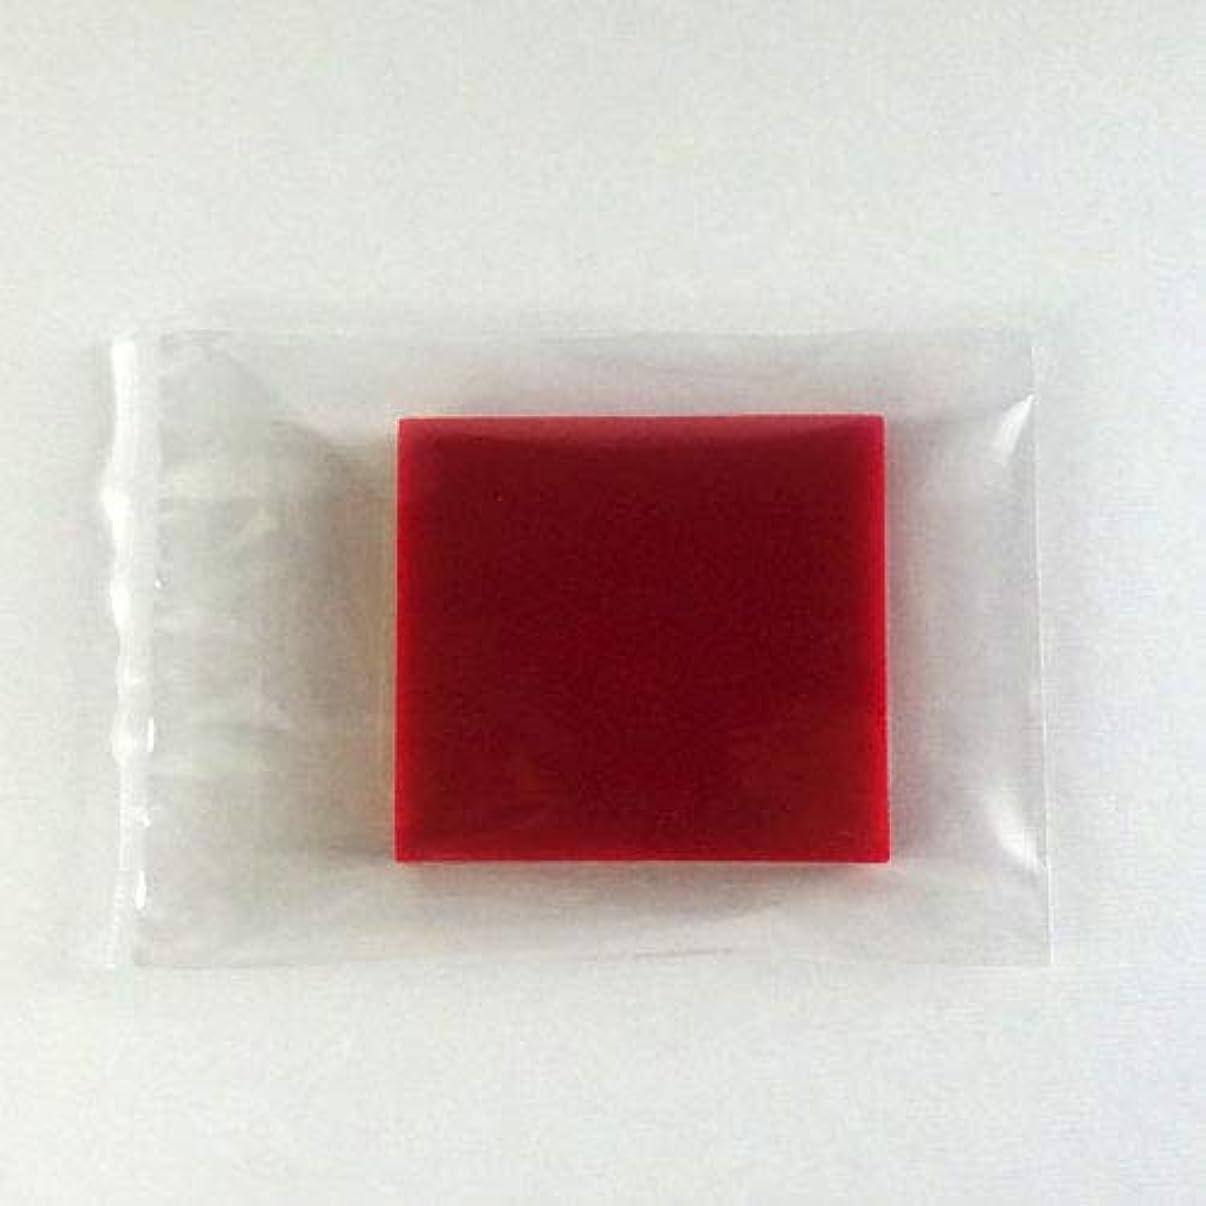 アリス誇りに思う予想するグリセリンソープ MPソープ 色チップ 赤(レッド) 30g